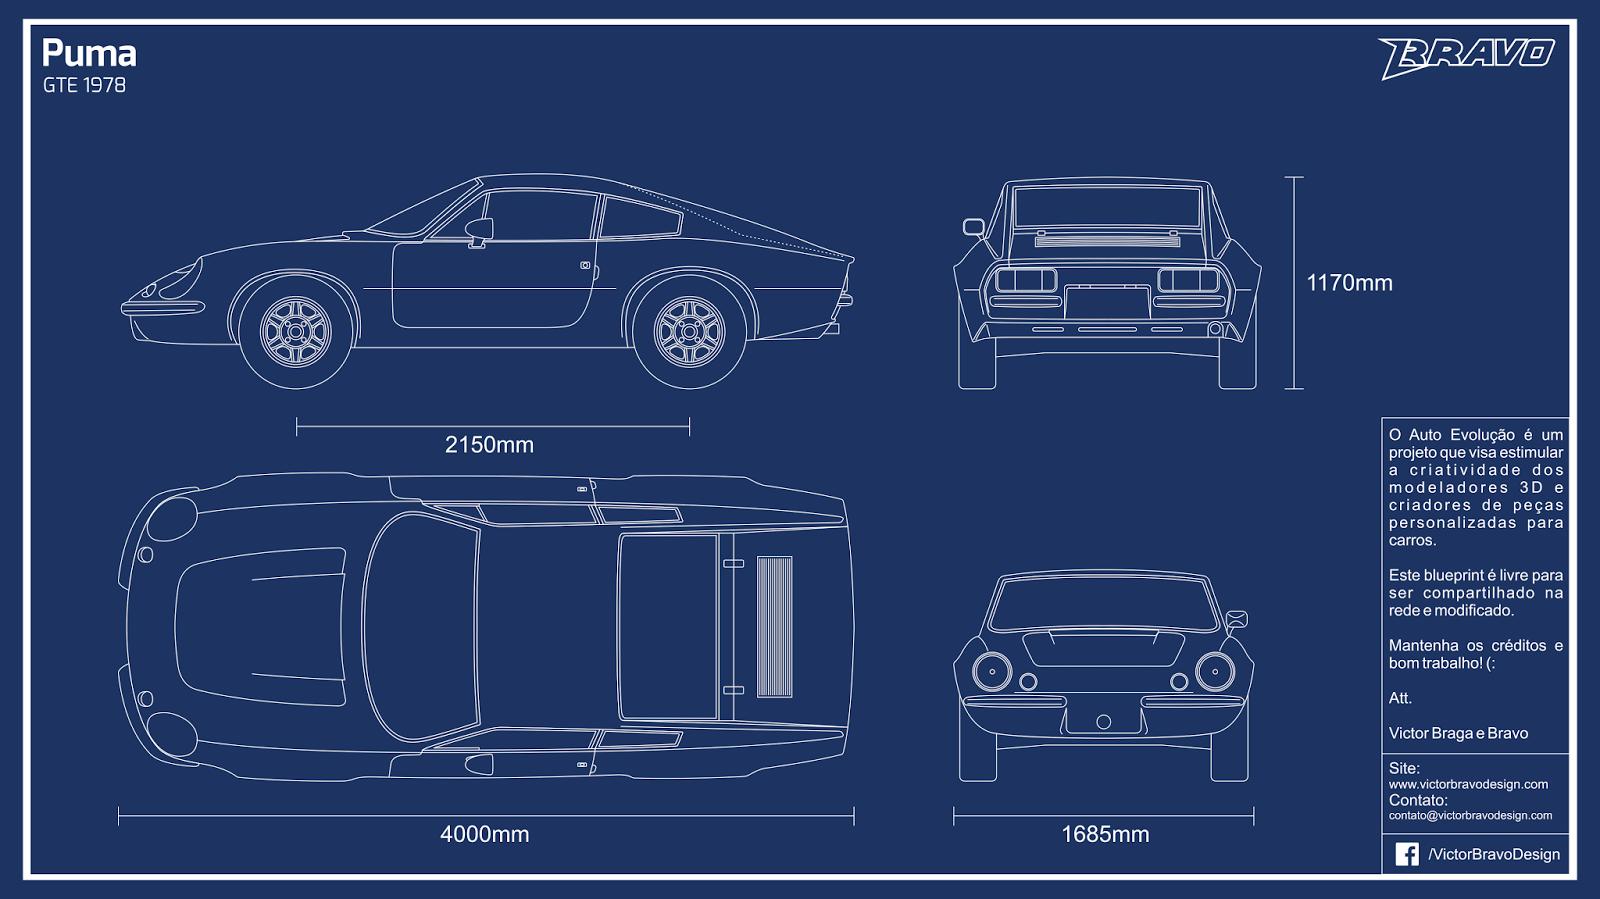 Imagem do blueprint do Puma GTE 1978